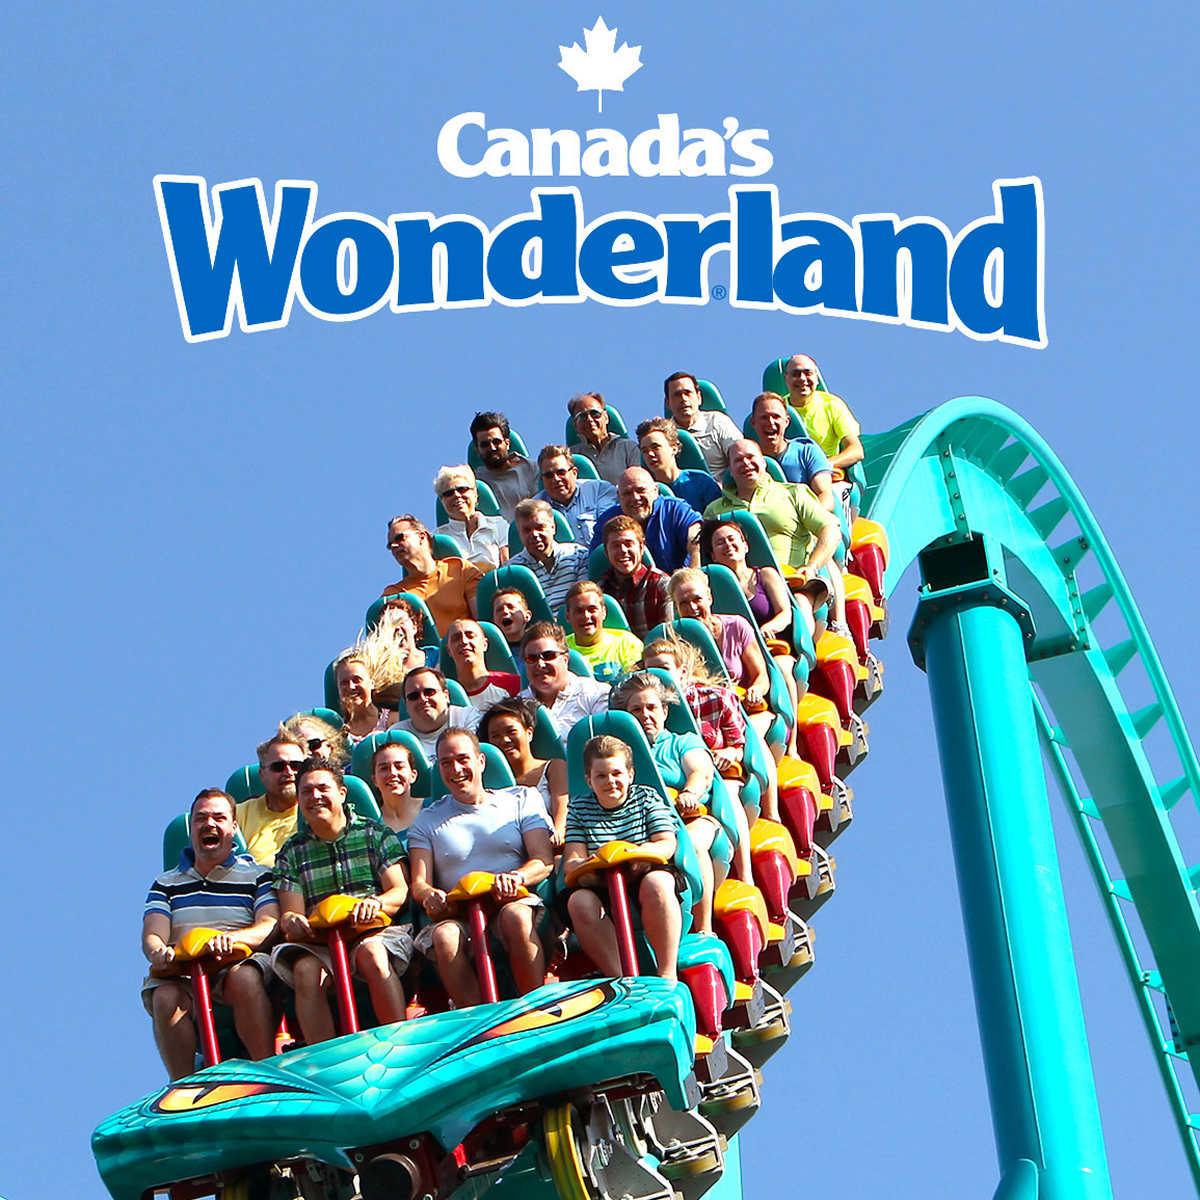 Map Of Canadas Wonderland 2017.Canada S Wonderland